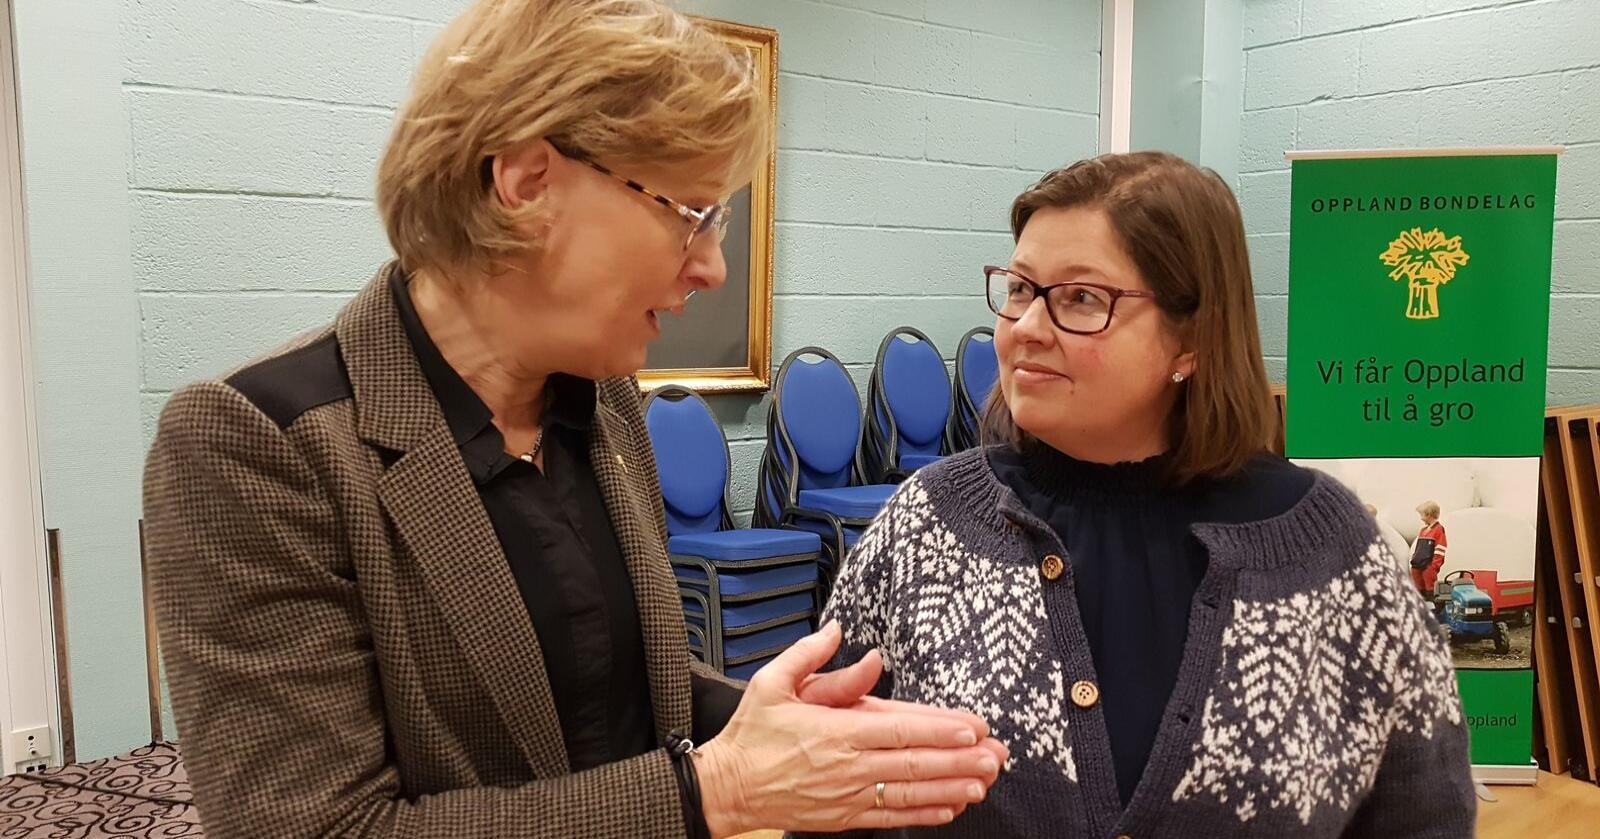 Sigrig Hjørnegård (t.v) er generalsekretær i Norges Bondelag. Her fotografert med Kristina Hegge, leder i Oppland Bondelag. (Foto: Astrid Simengård)